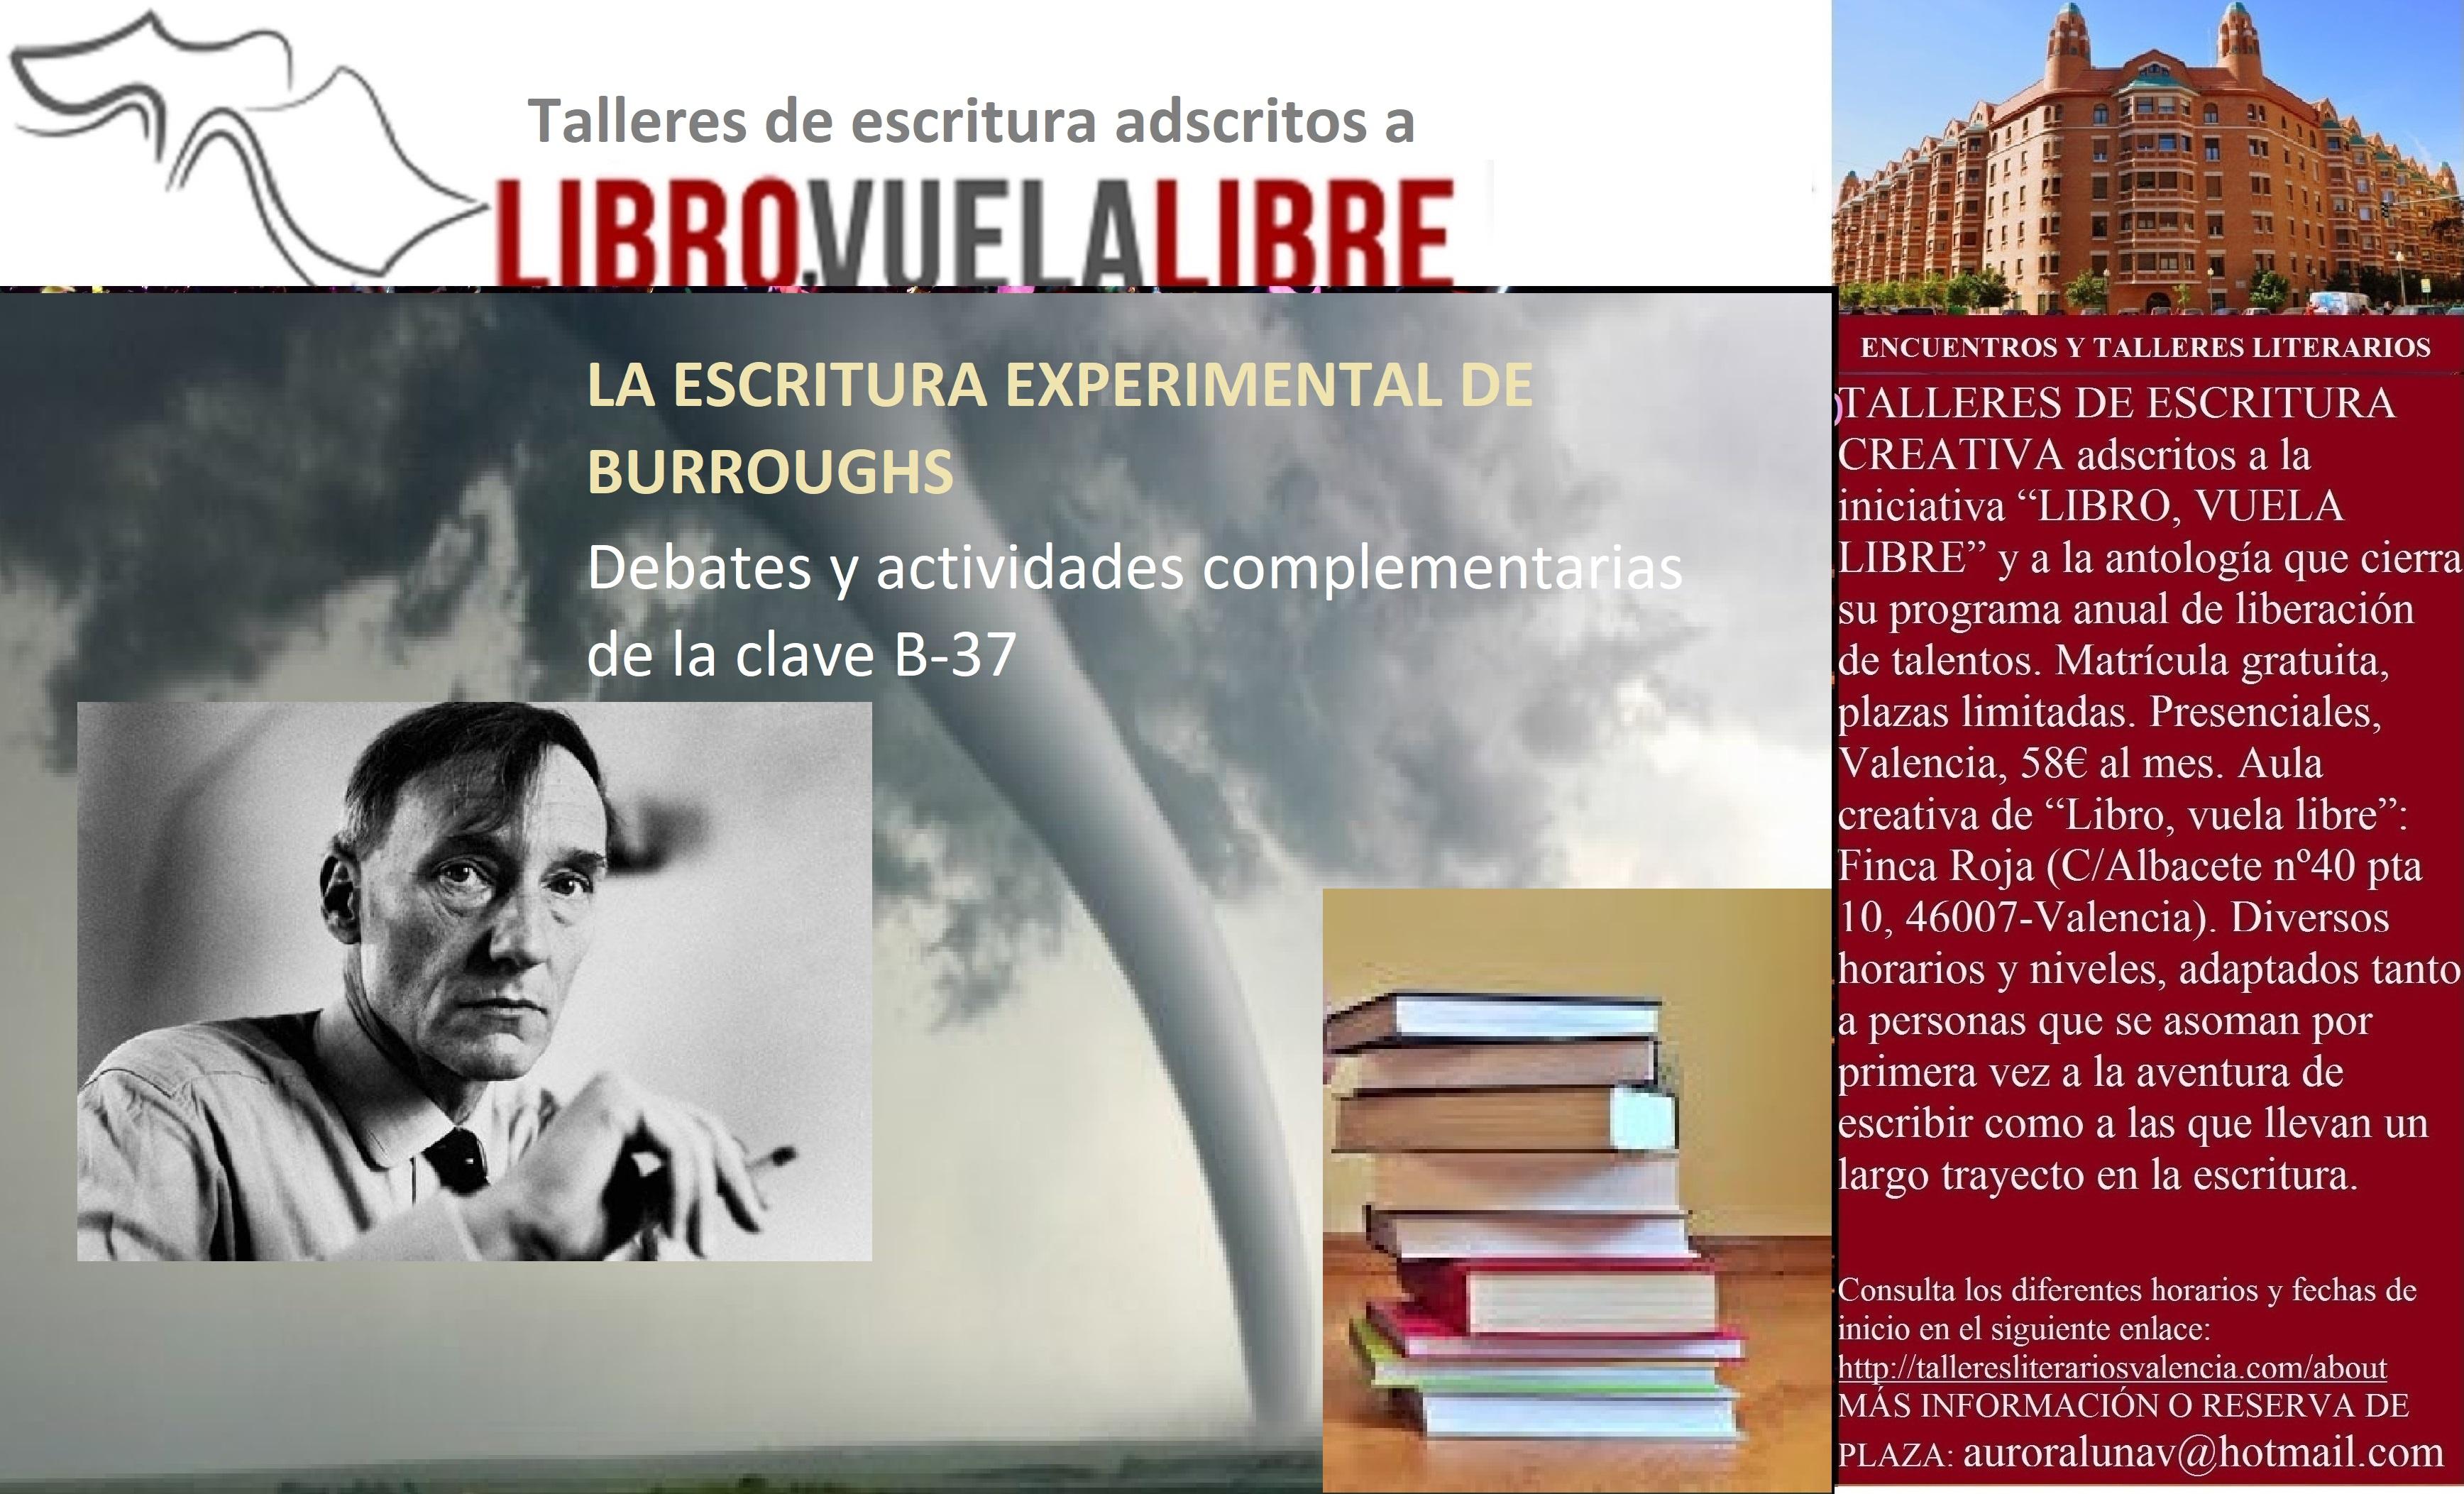 LA ESCRITURA EXPERIMENTAL DE BURROUGHS. Taller de escritura, clave B-37